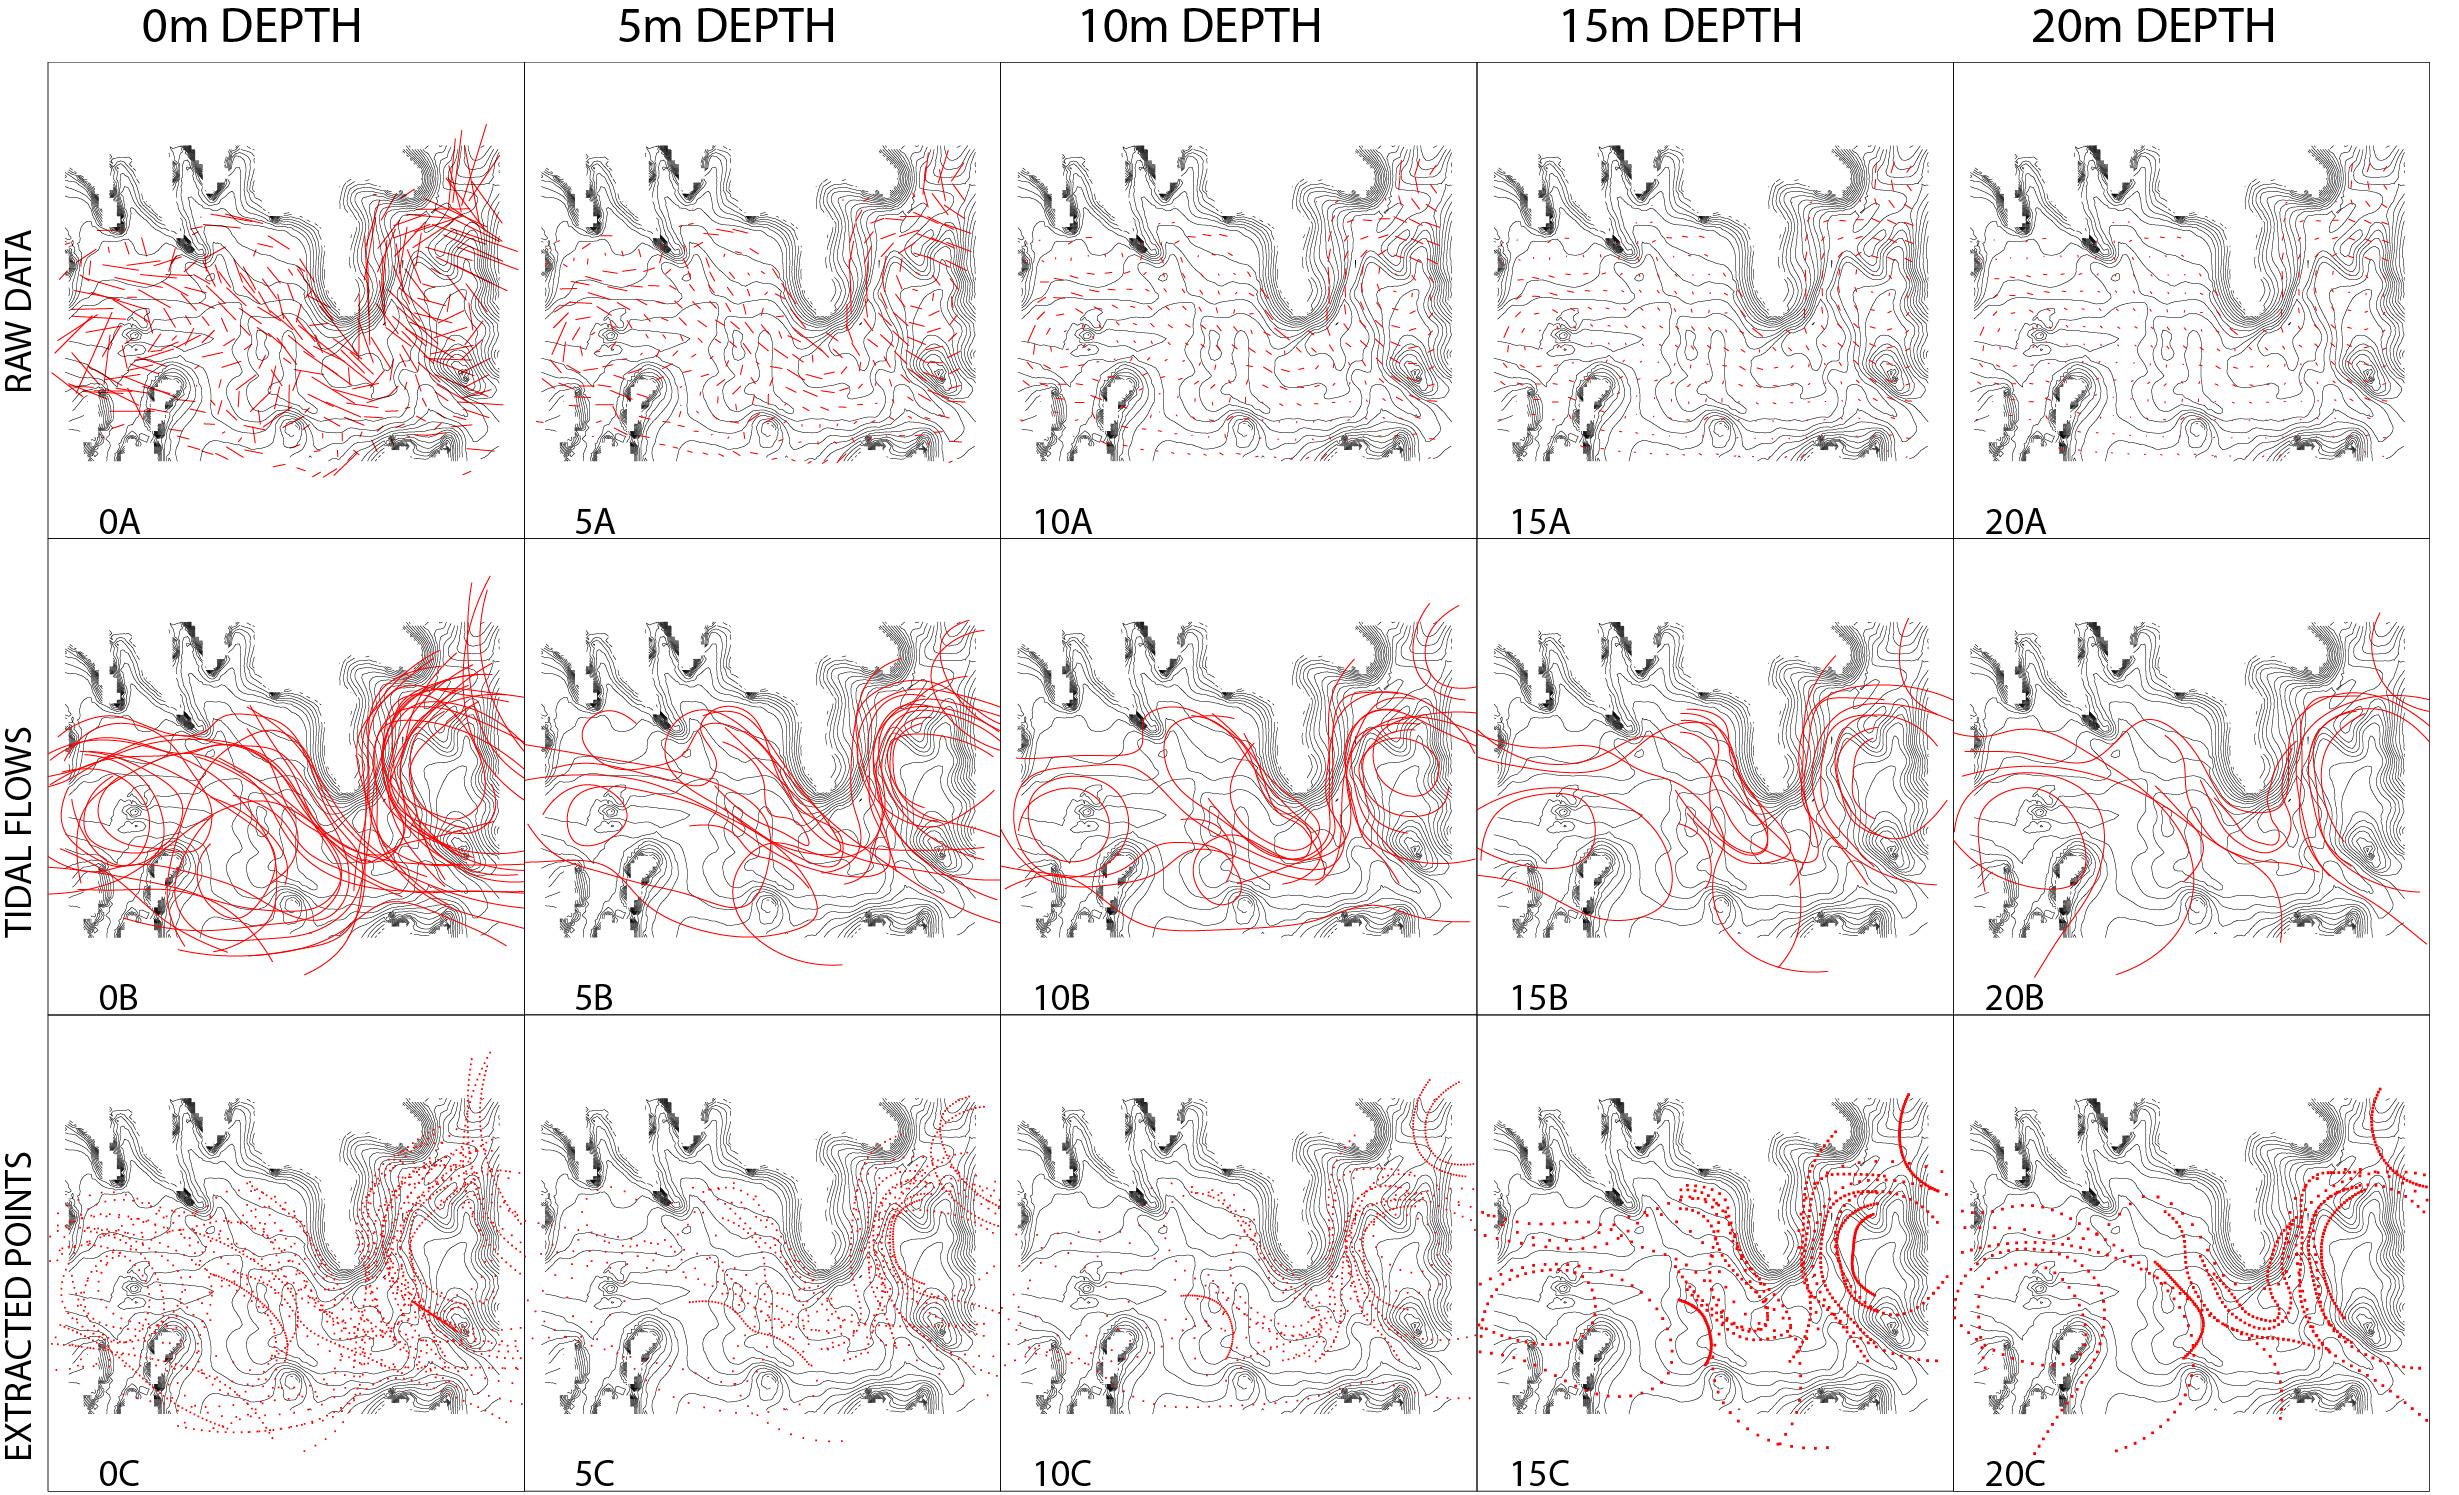 Tidal Flow Data